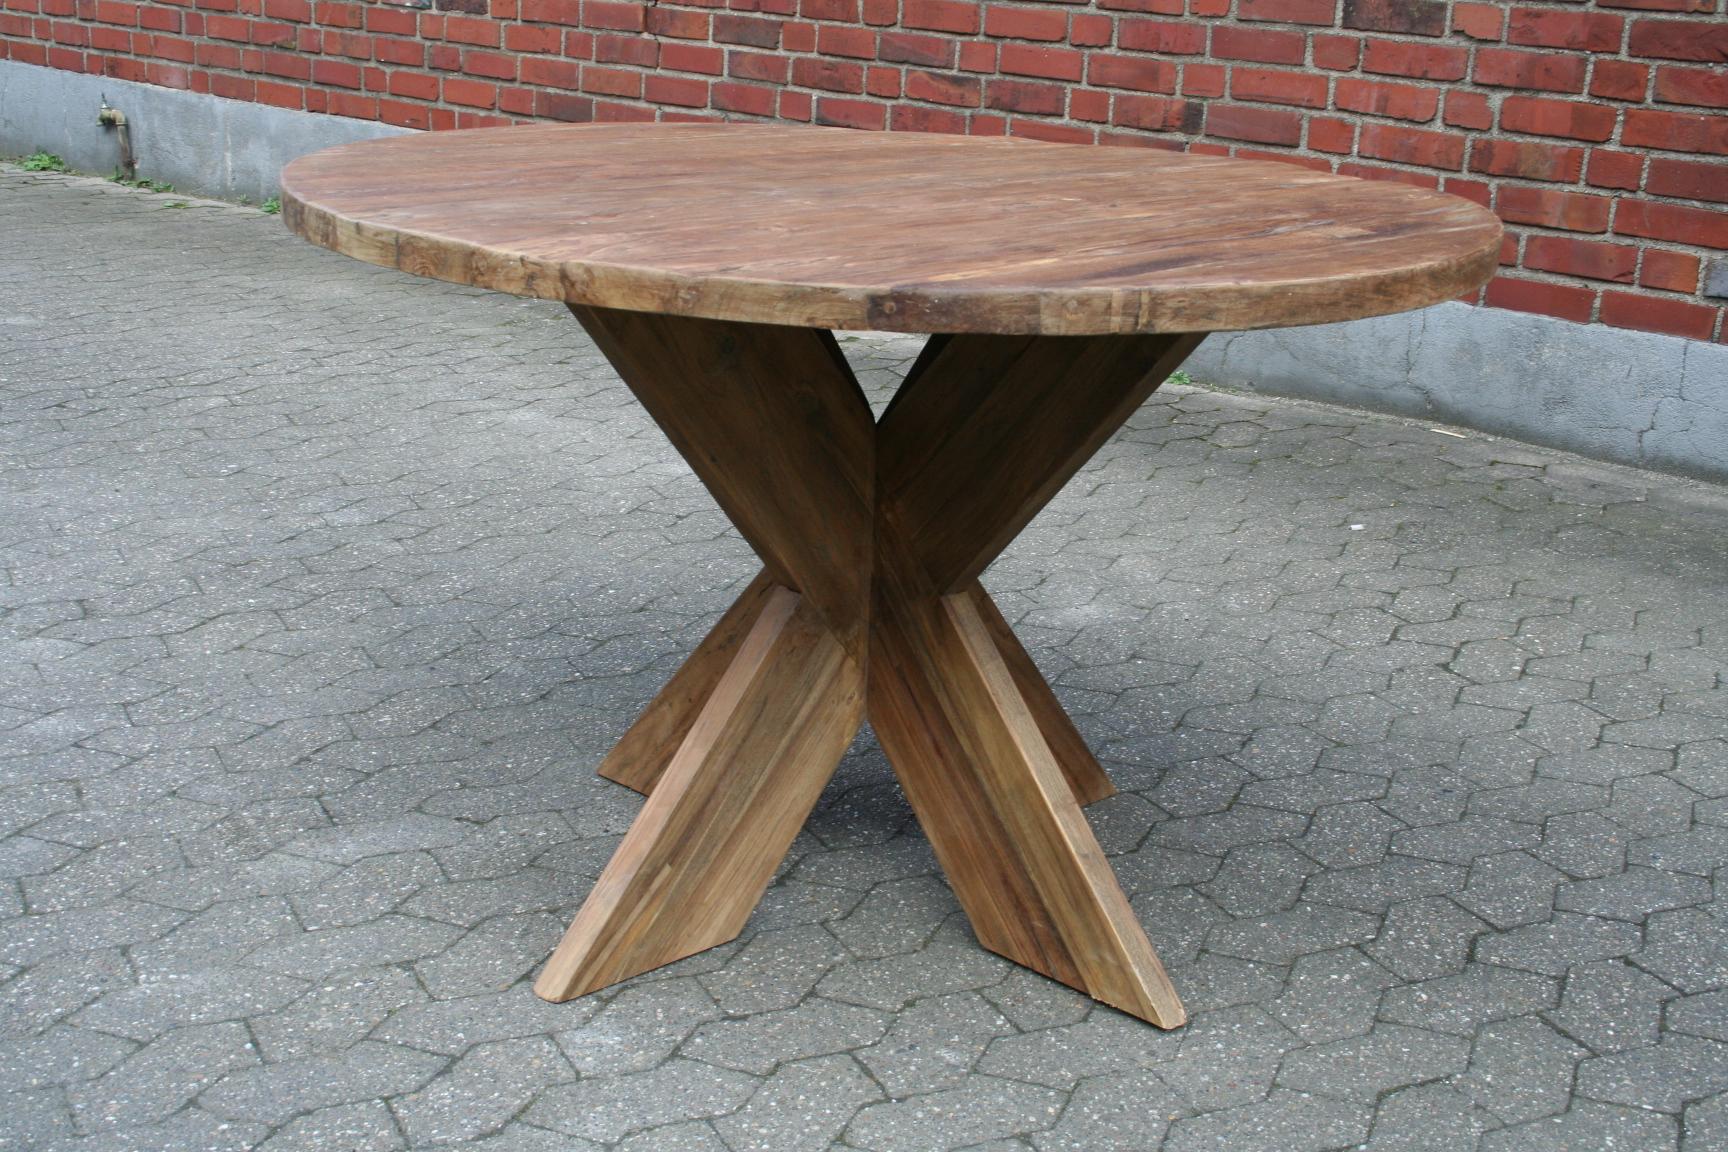 Esstisch dengkleh silang vintage altholz rund for Esstisch rund vintage